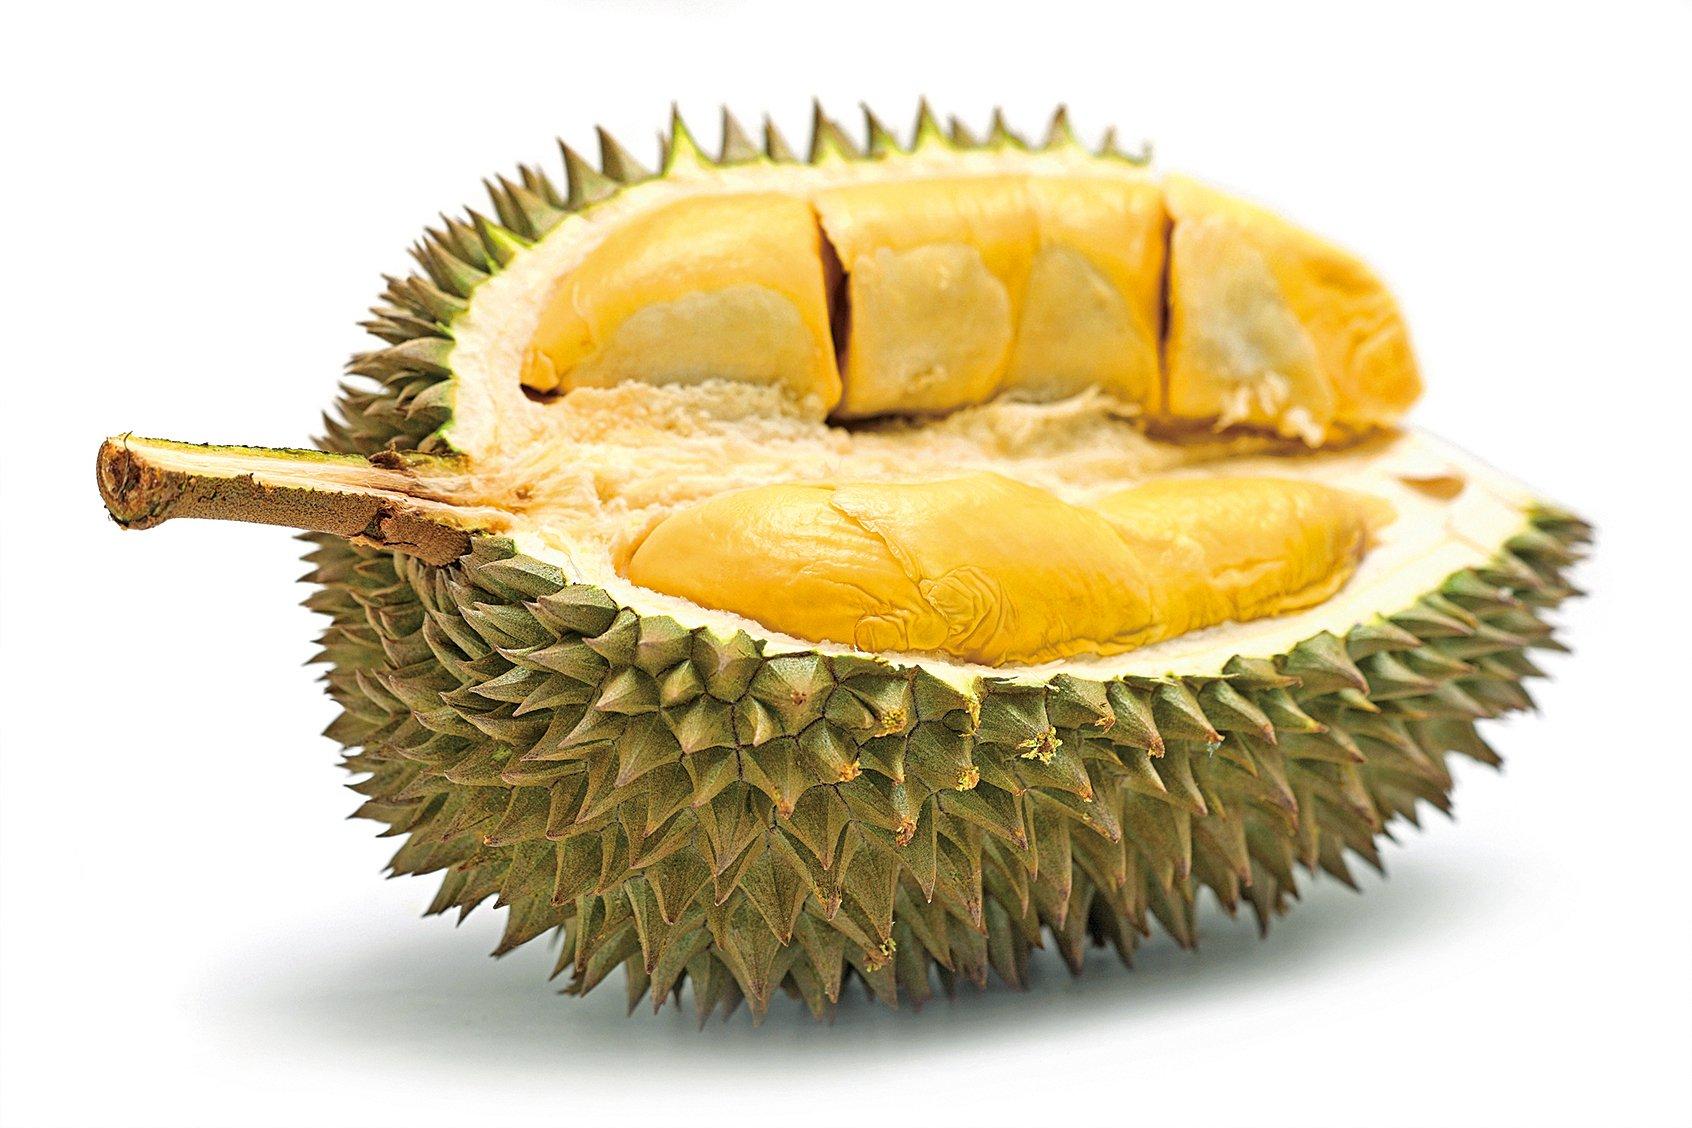 榴槤在東南亞被譽為「水果之王」,肉色淡黃且黏稠多汁。